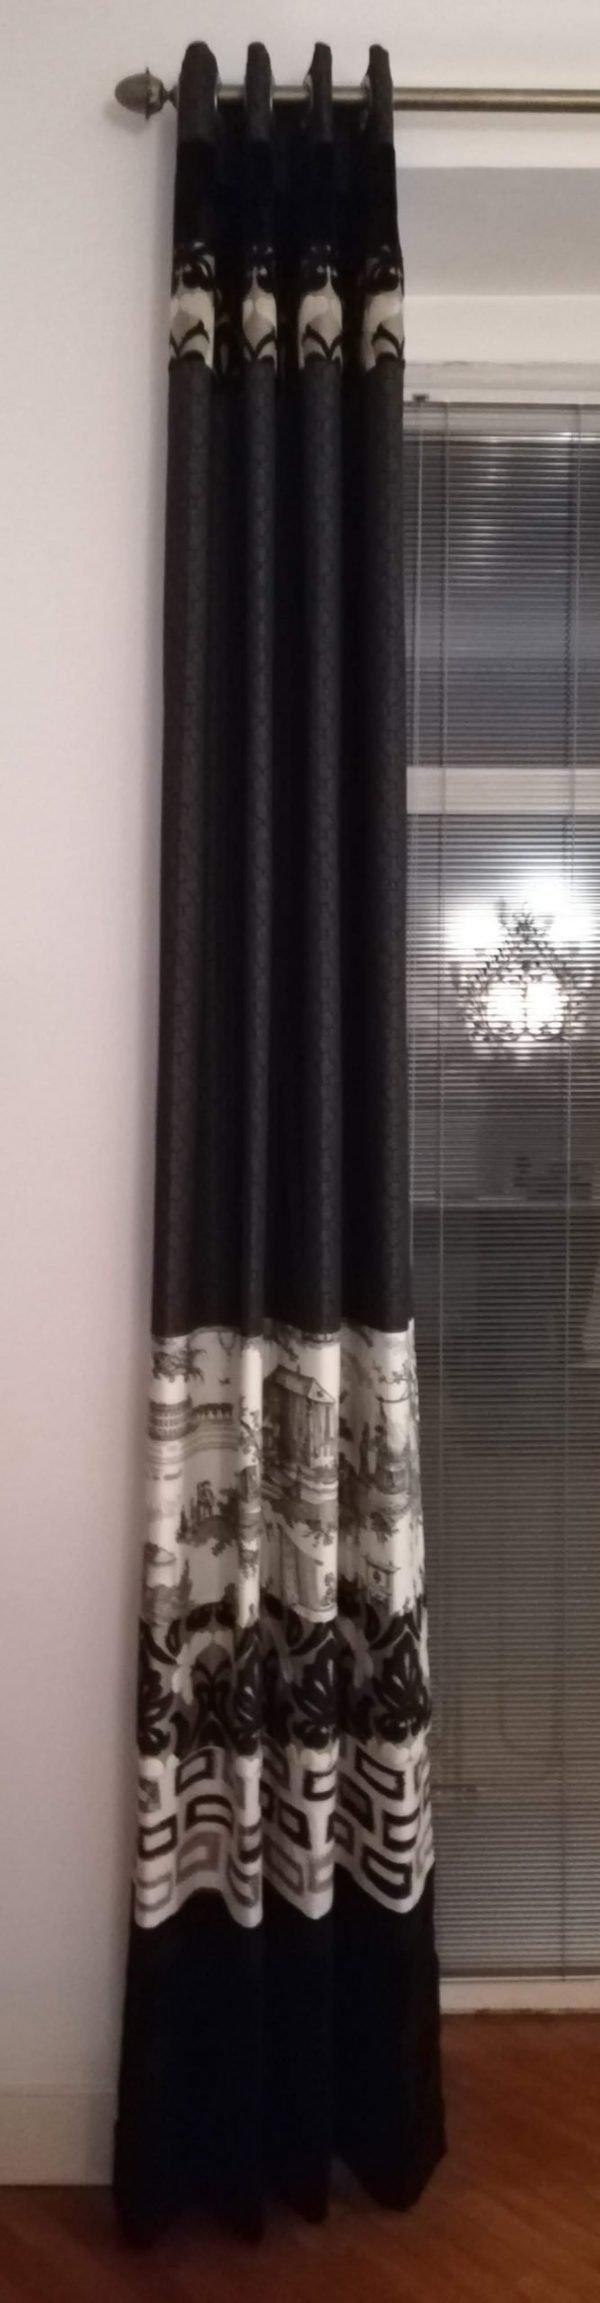 Tenda nero e avorio3 scaled